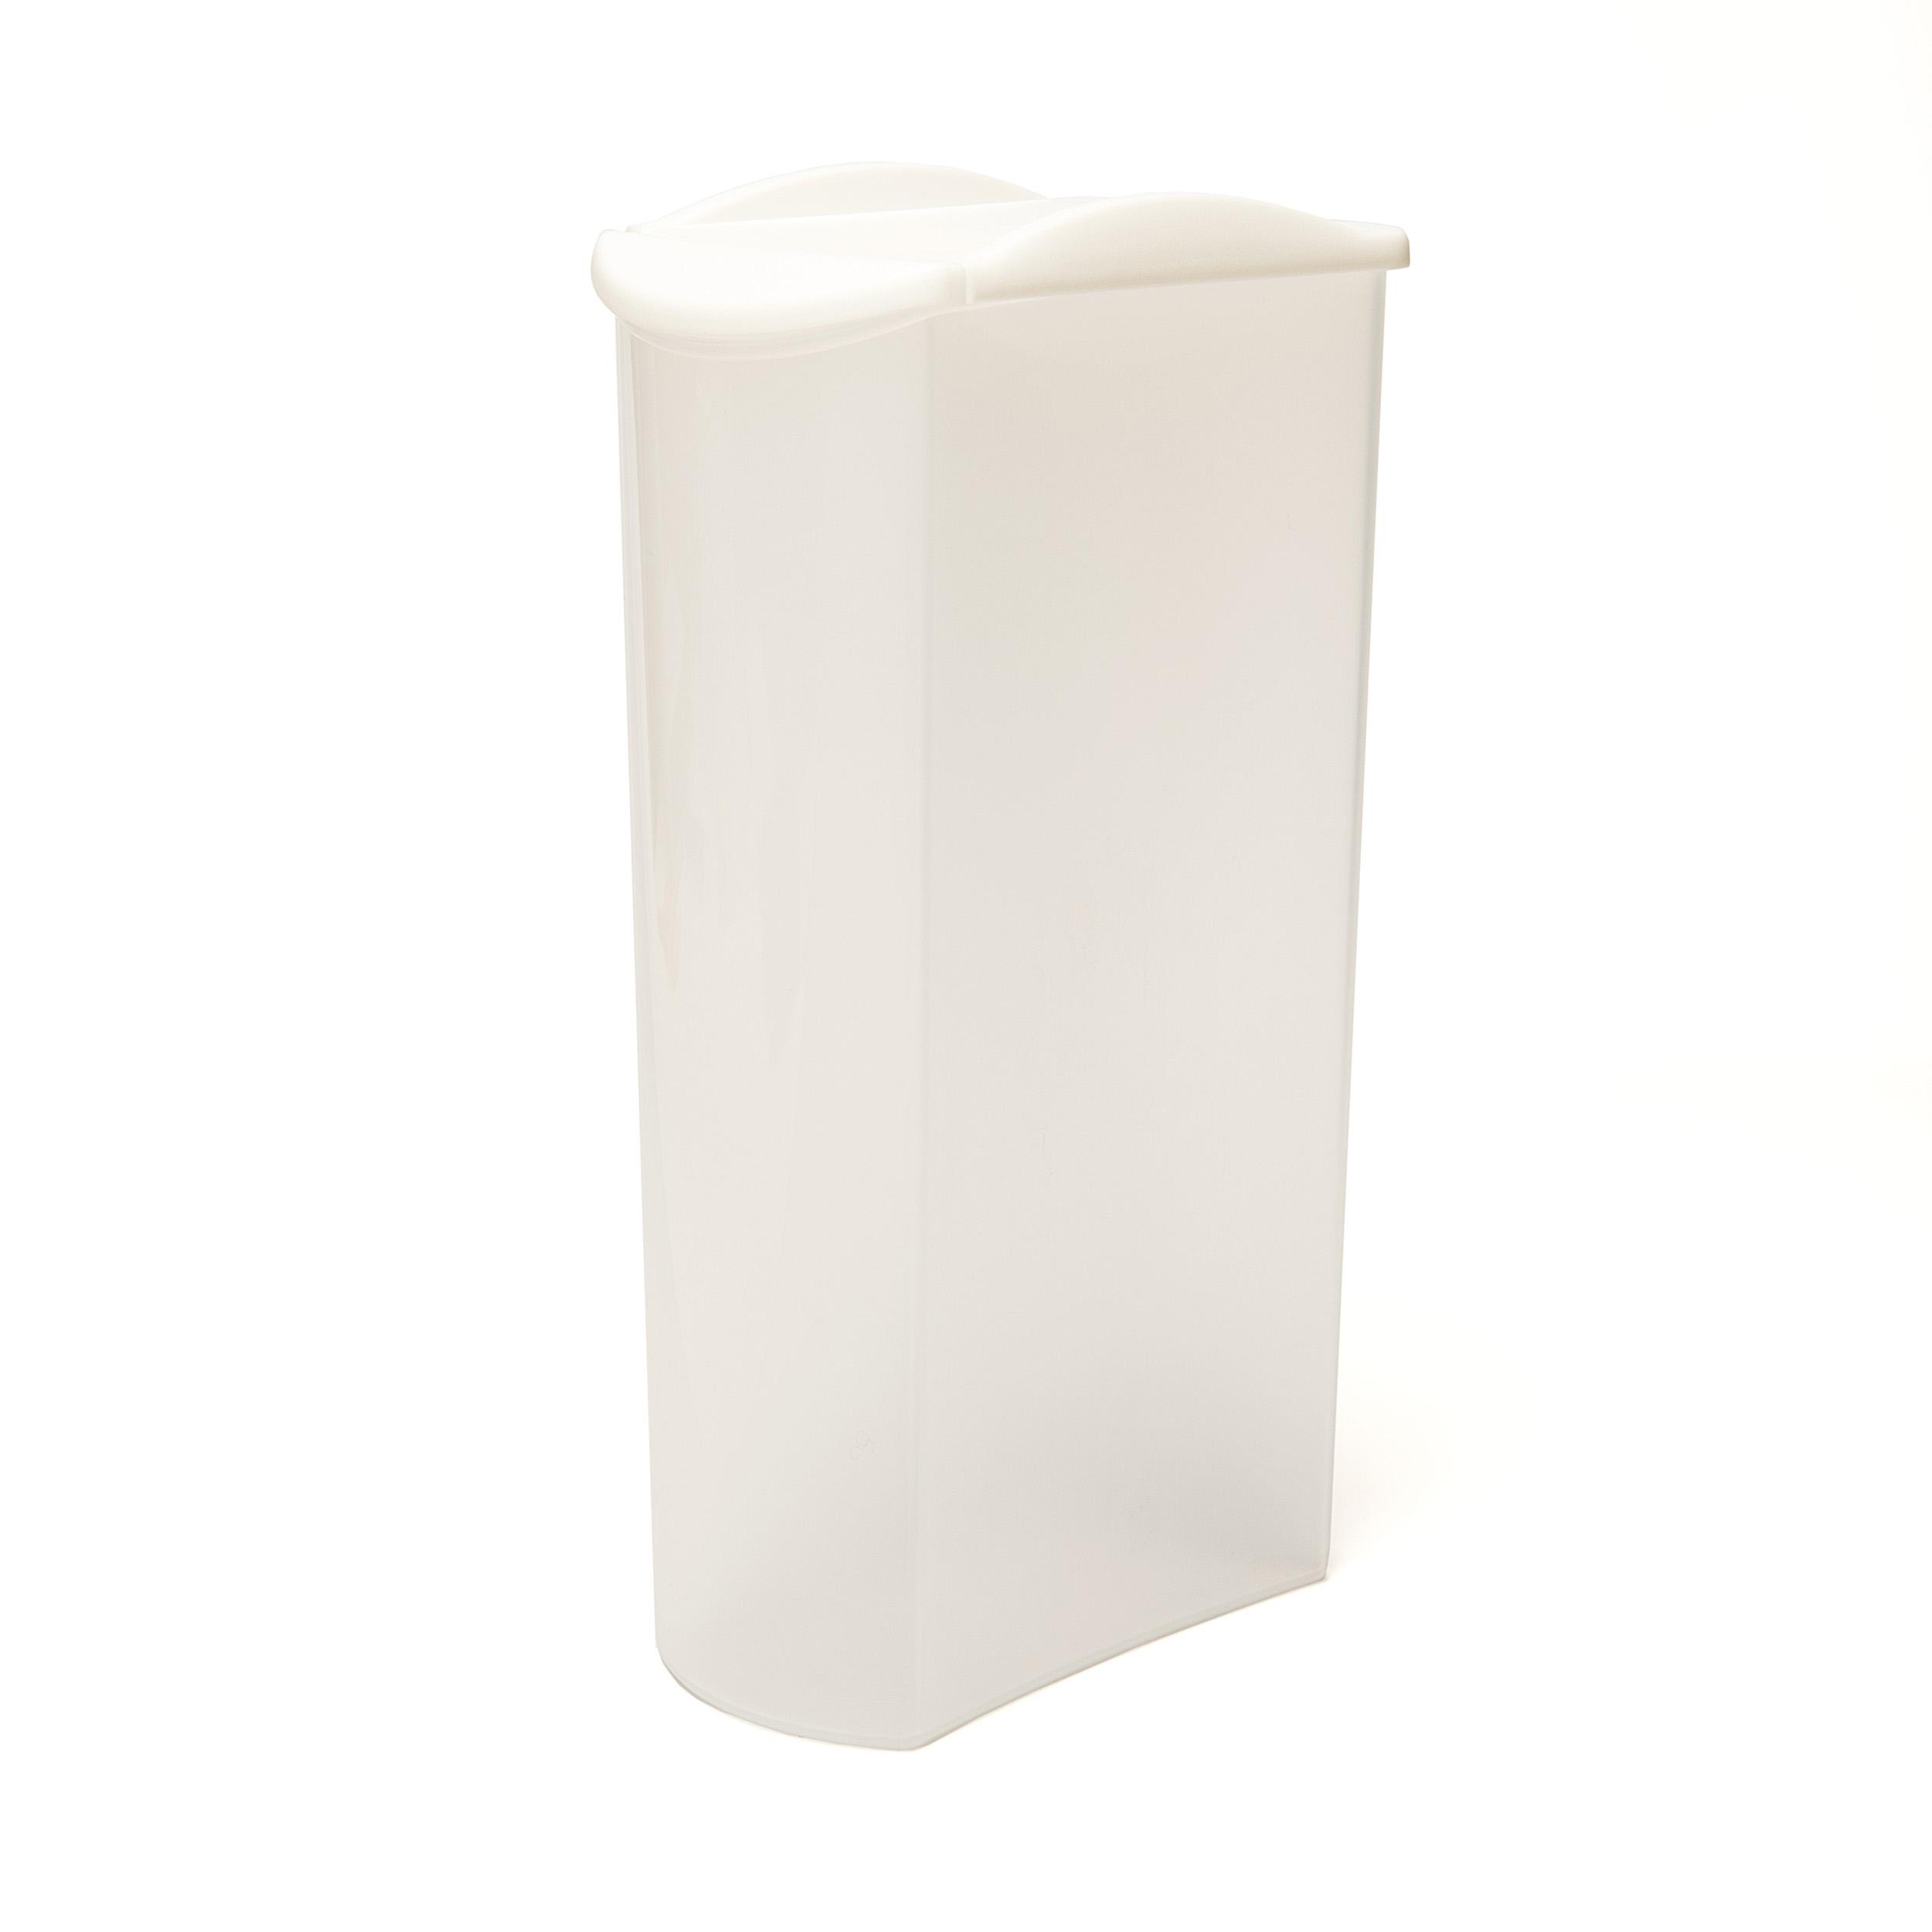 White A-000073